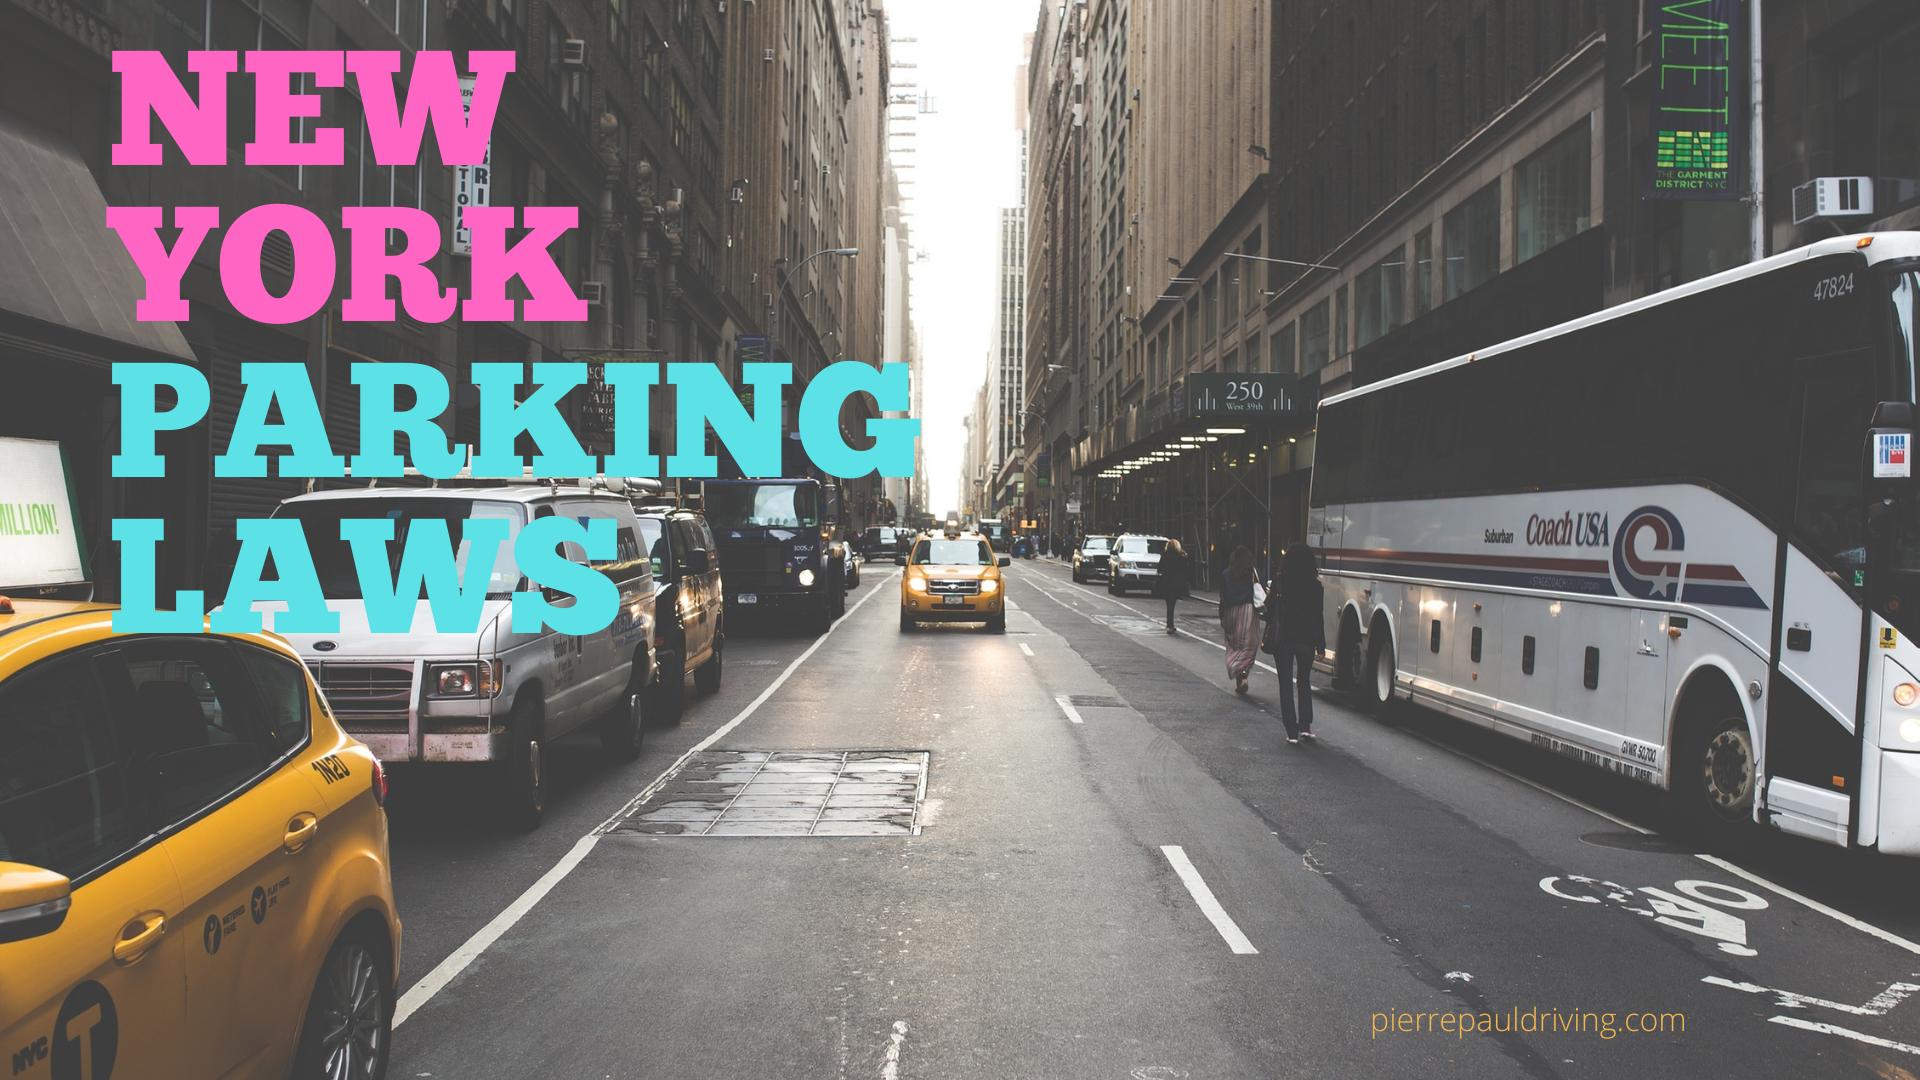 NY parking laws